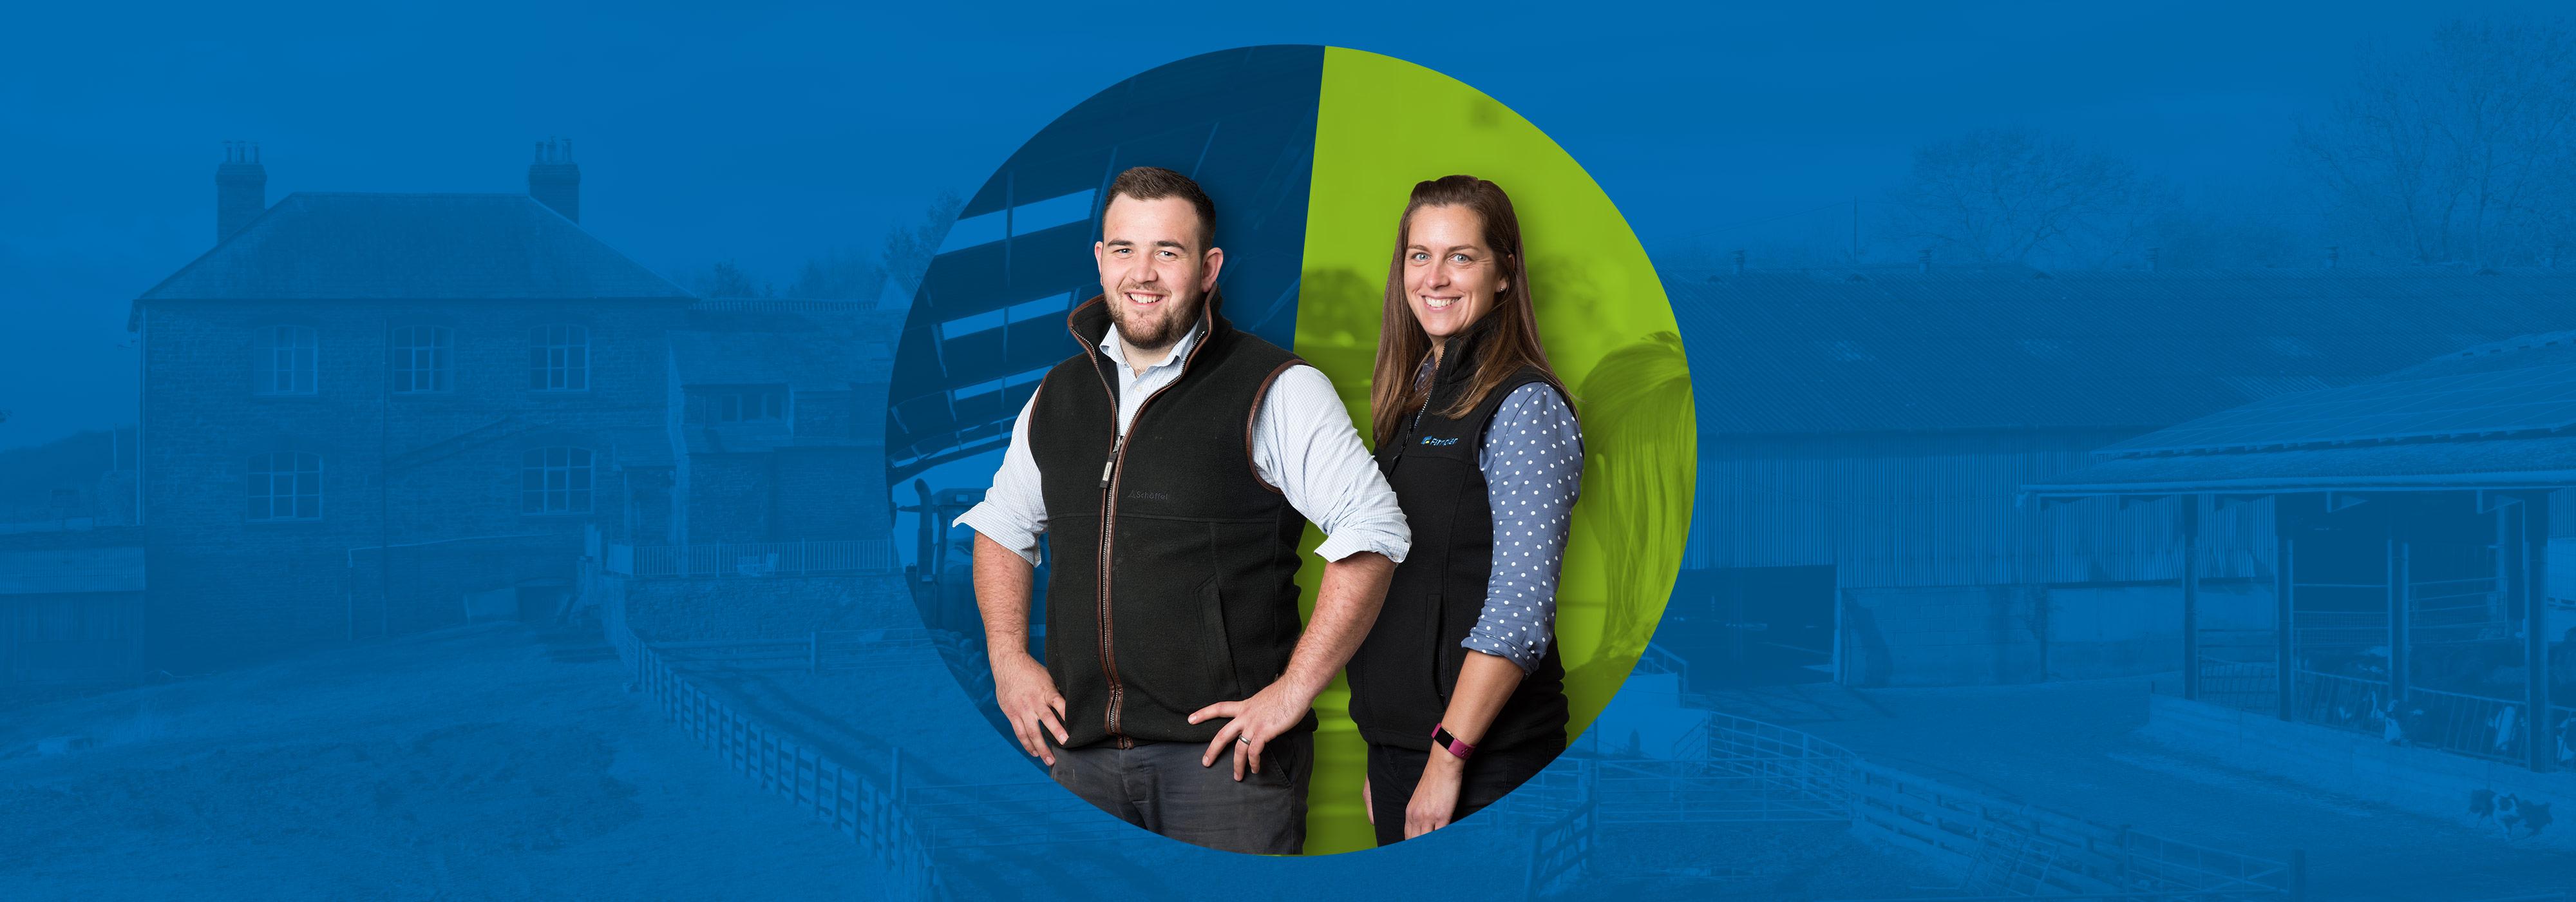 Farmplan Campaign Header Image